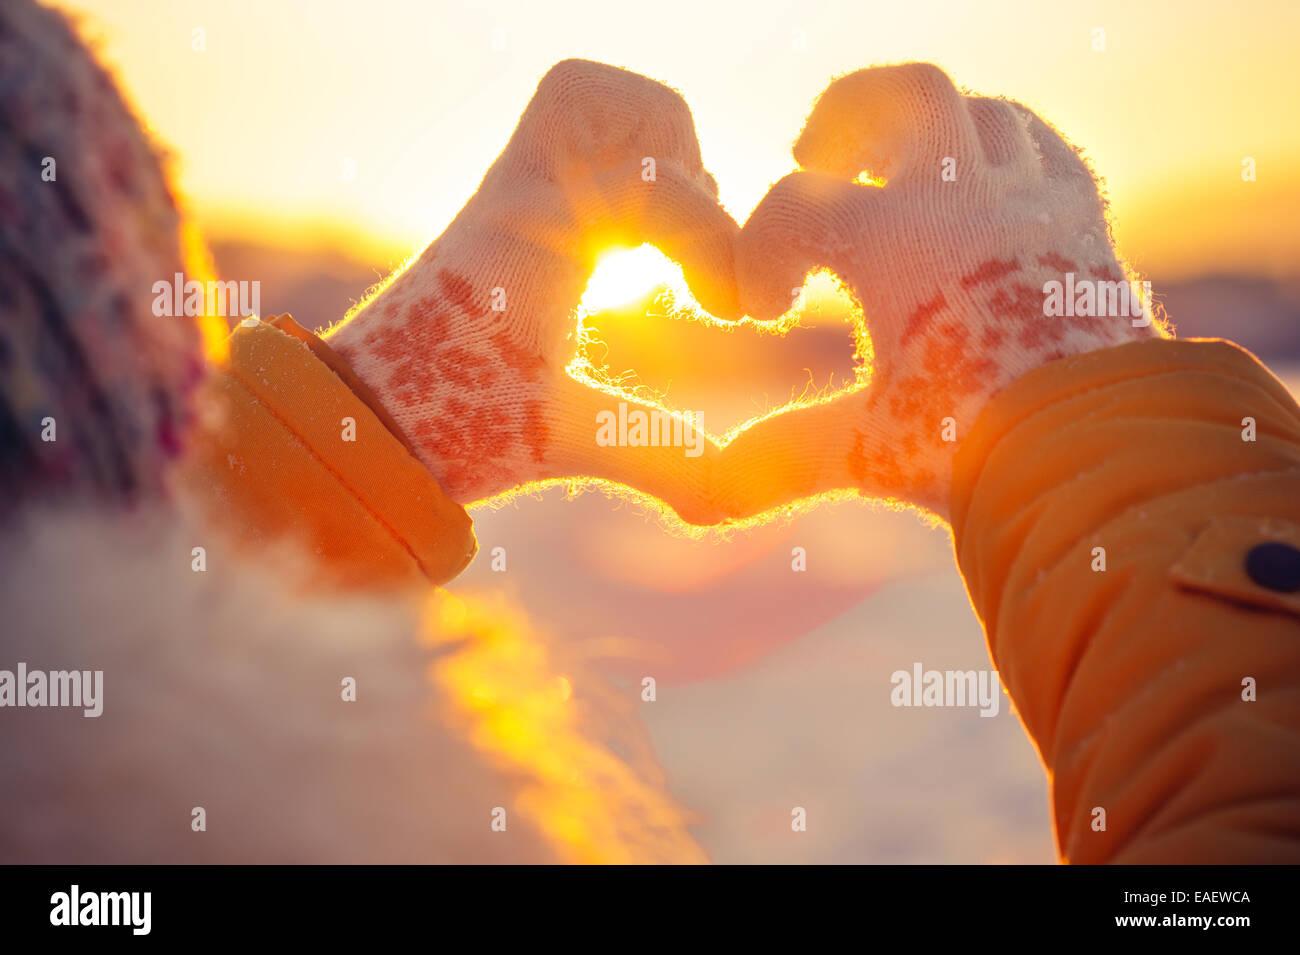 Frau Hände im Winterhandschuhe Herzsymbol Lifestyle und Gefühle Konzept mit Sonnenuntergang-Licht-Natur Stockbild